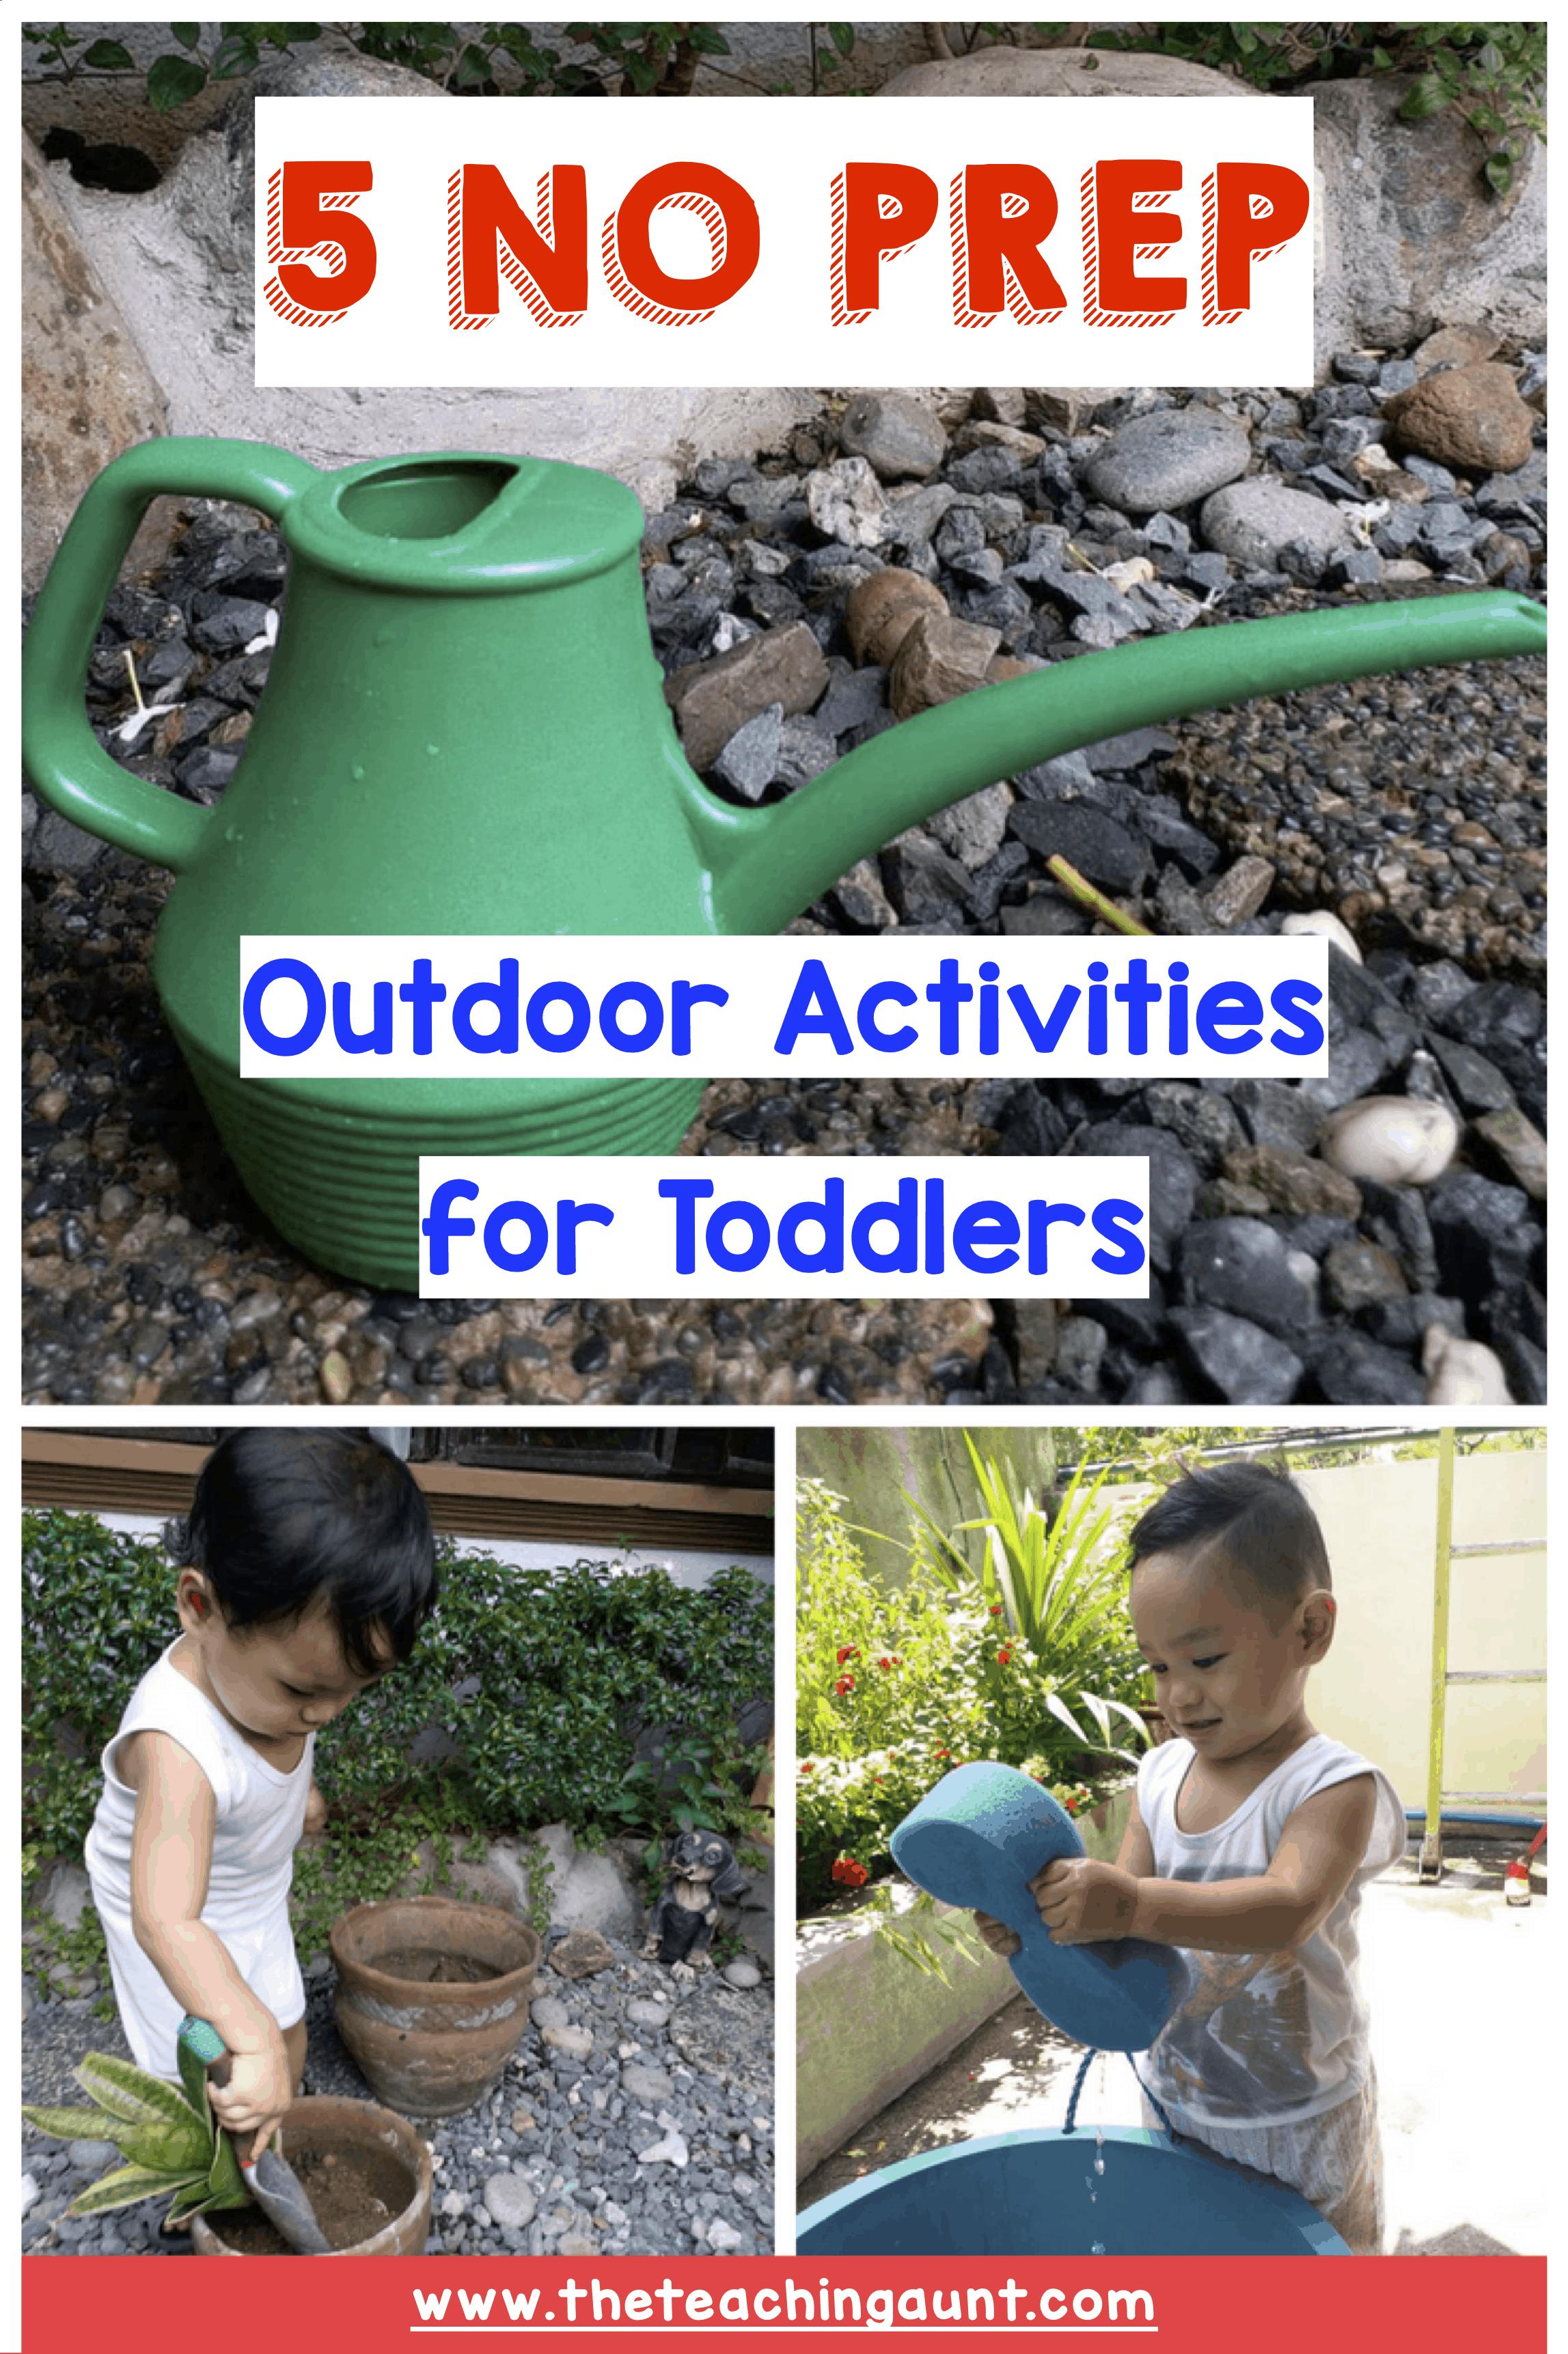 NO PREP Toddler Activities - Outdoor Activities